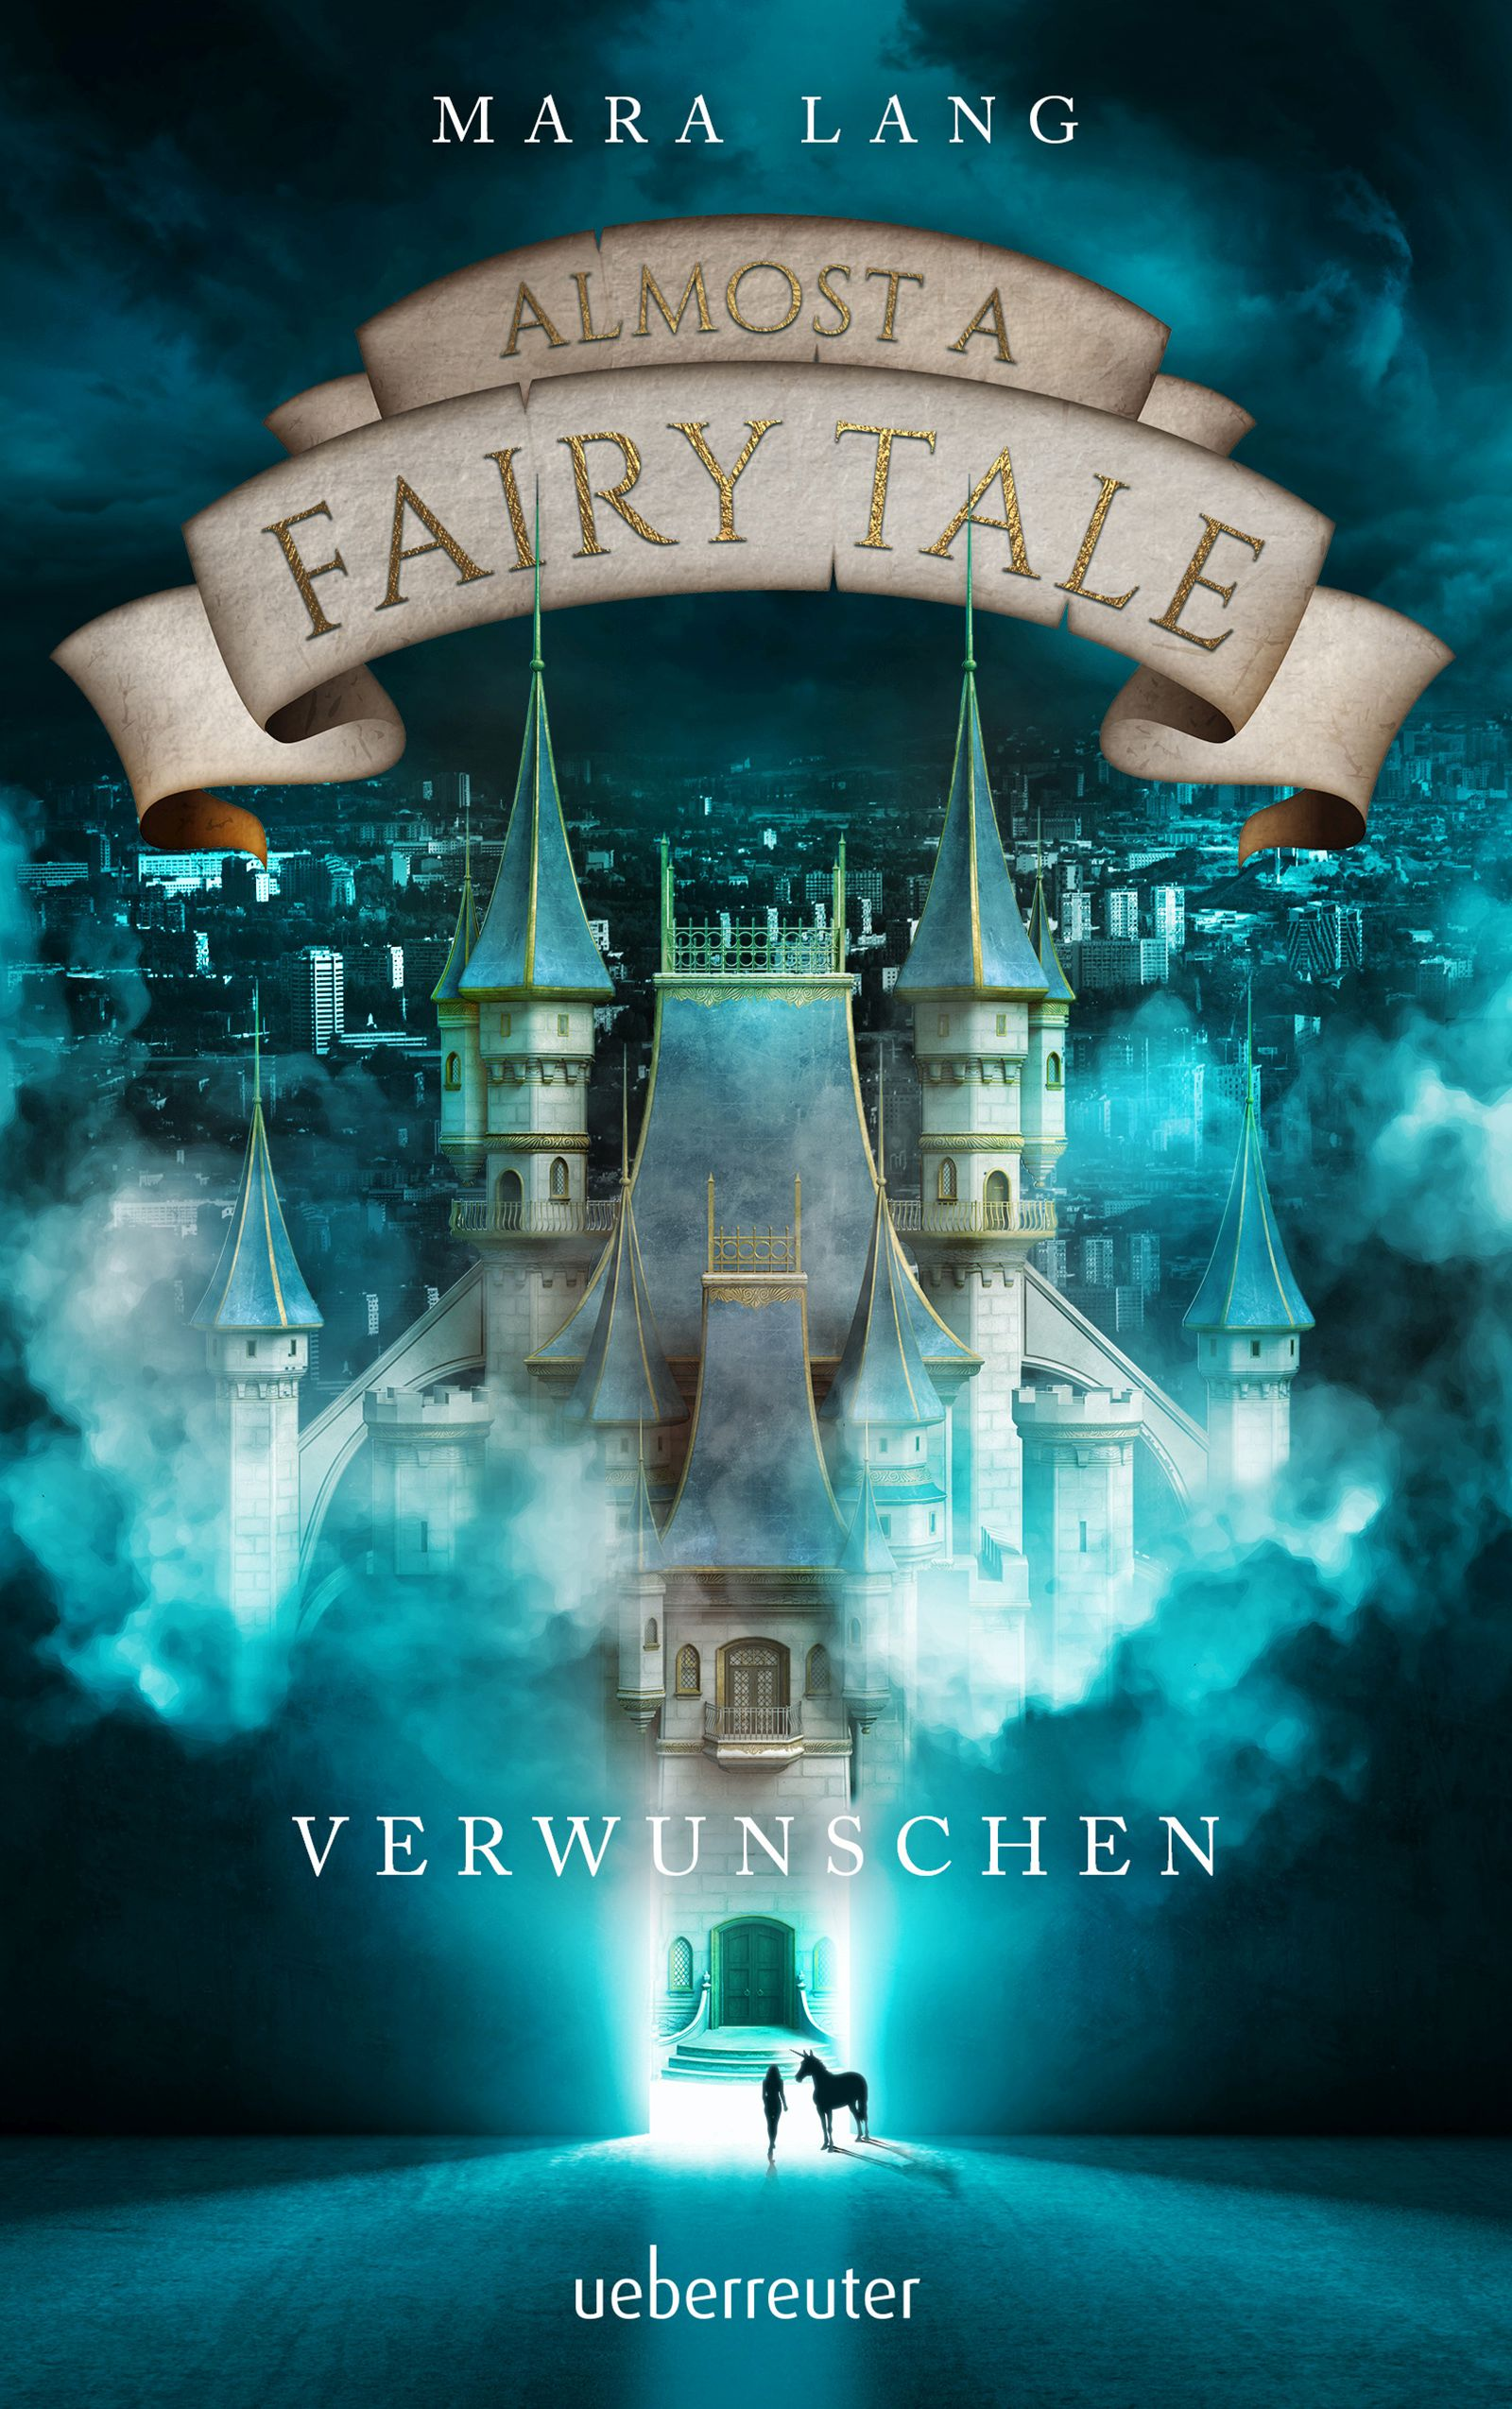 Bildergebnis für almost a fairy tale